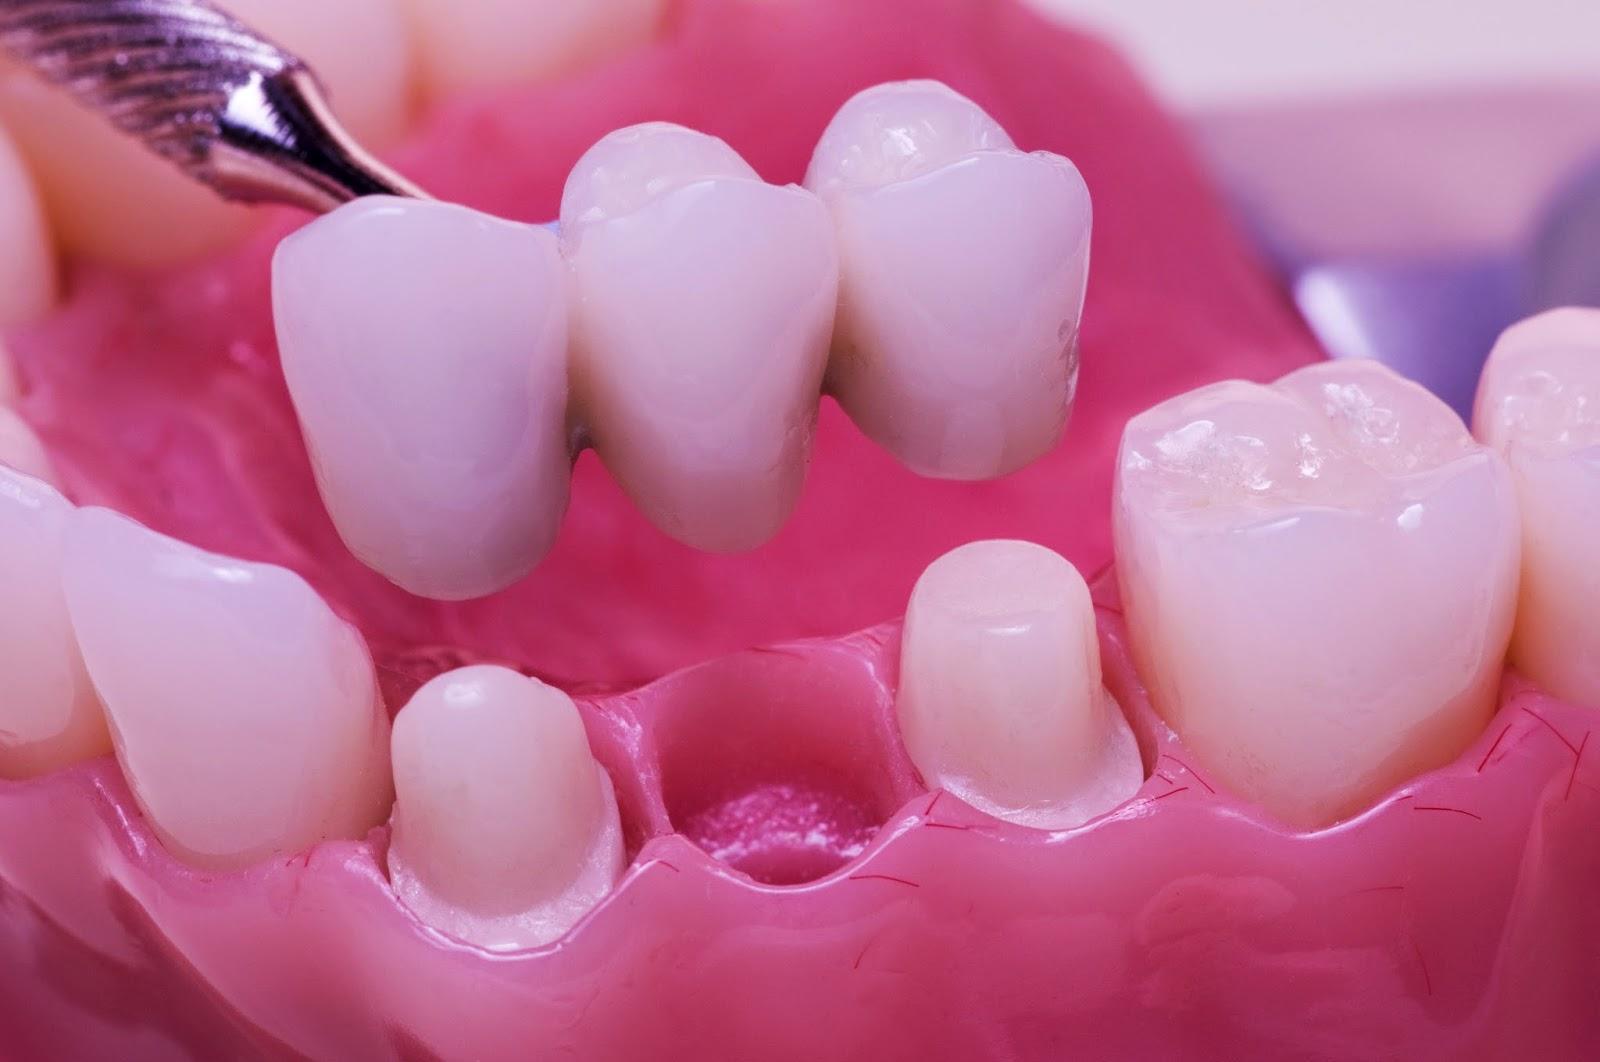 Cầu răng sứ tại nha khoa uy tín thủ đức